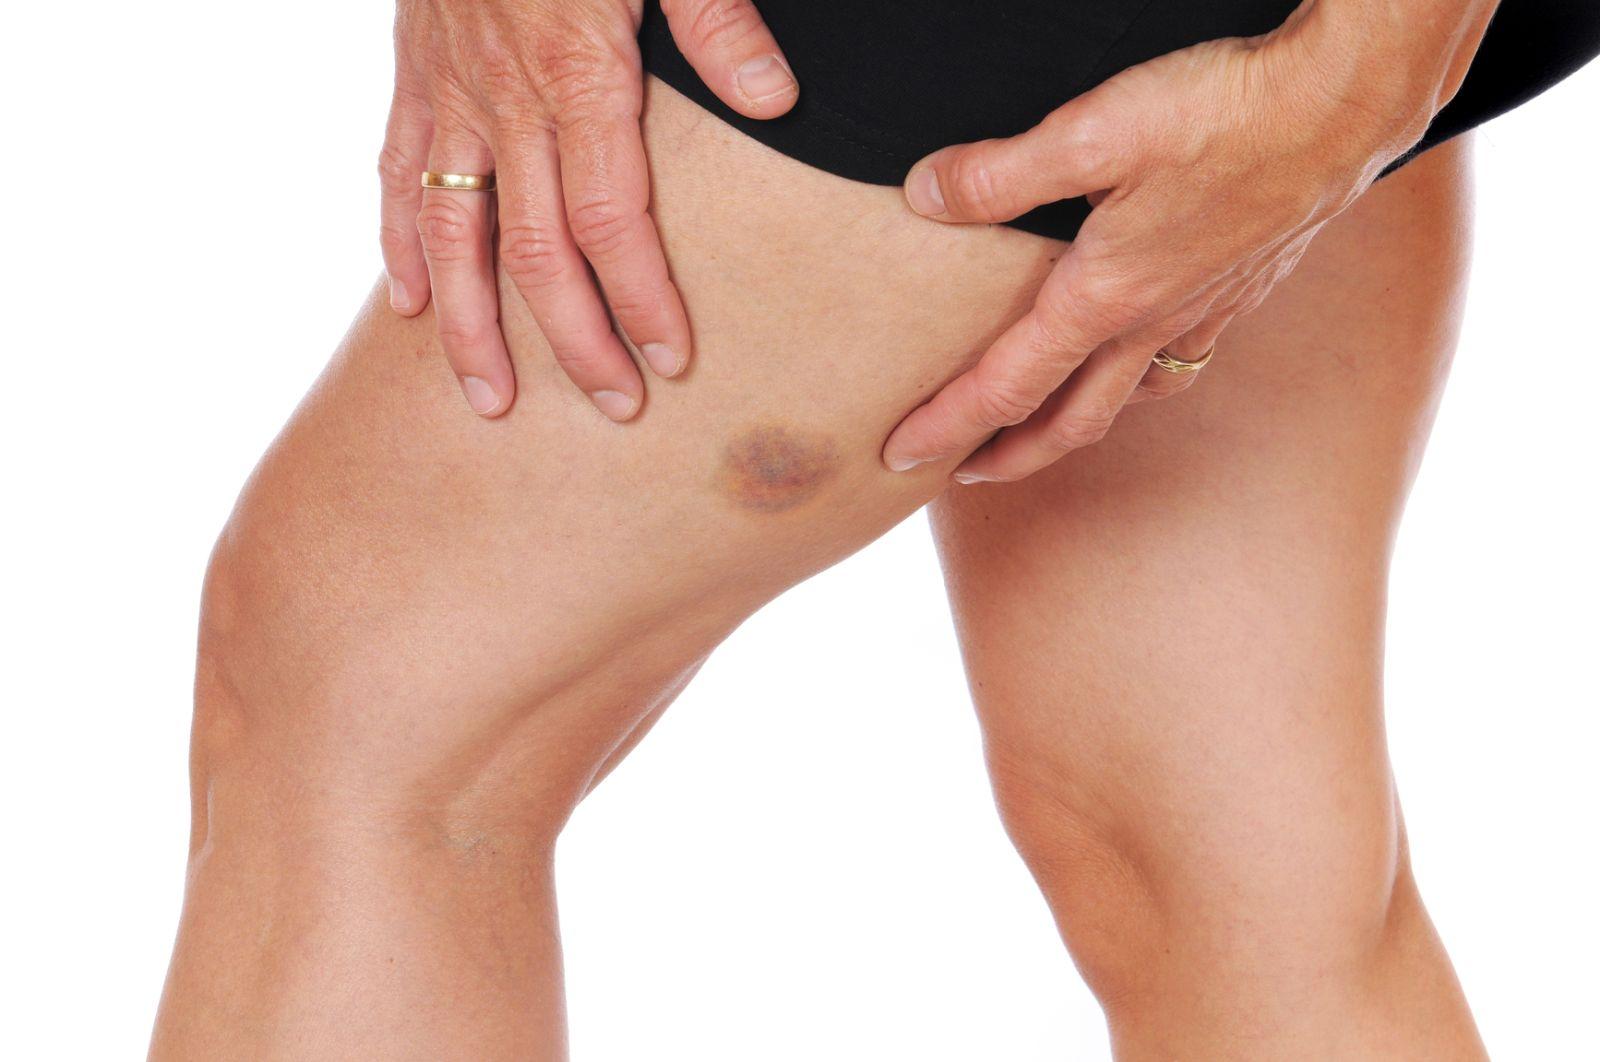 Las hemorragias frecuentes causadas por la hemofilia pueden dañar articulaciones y músculos